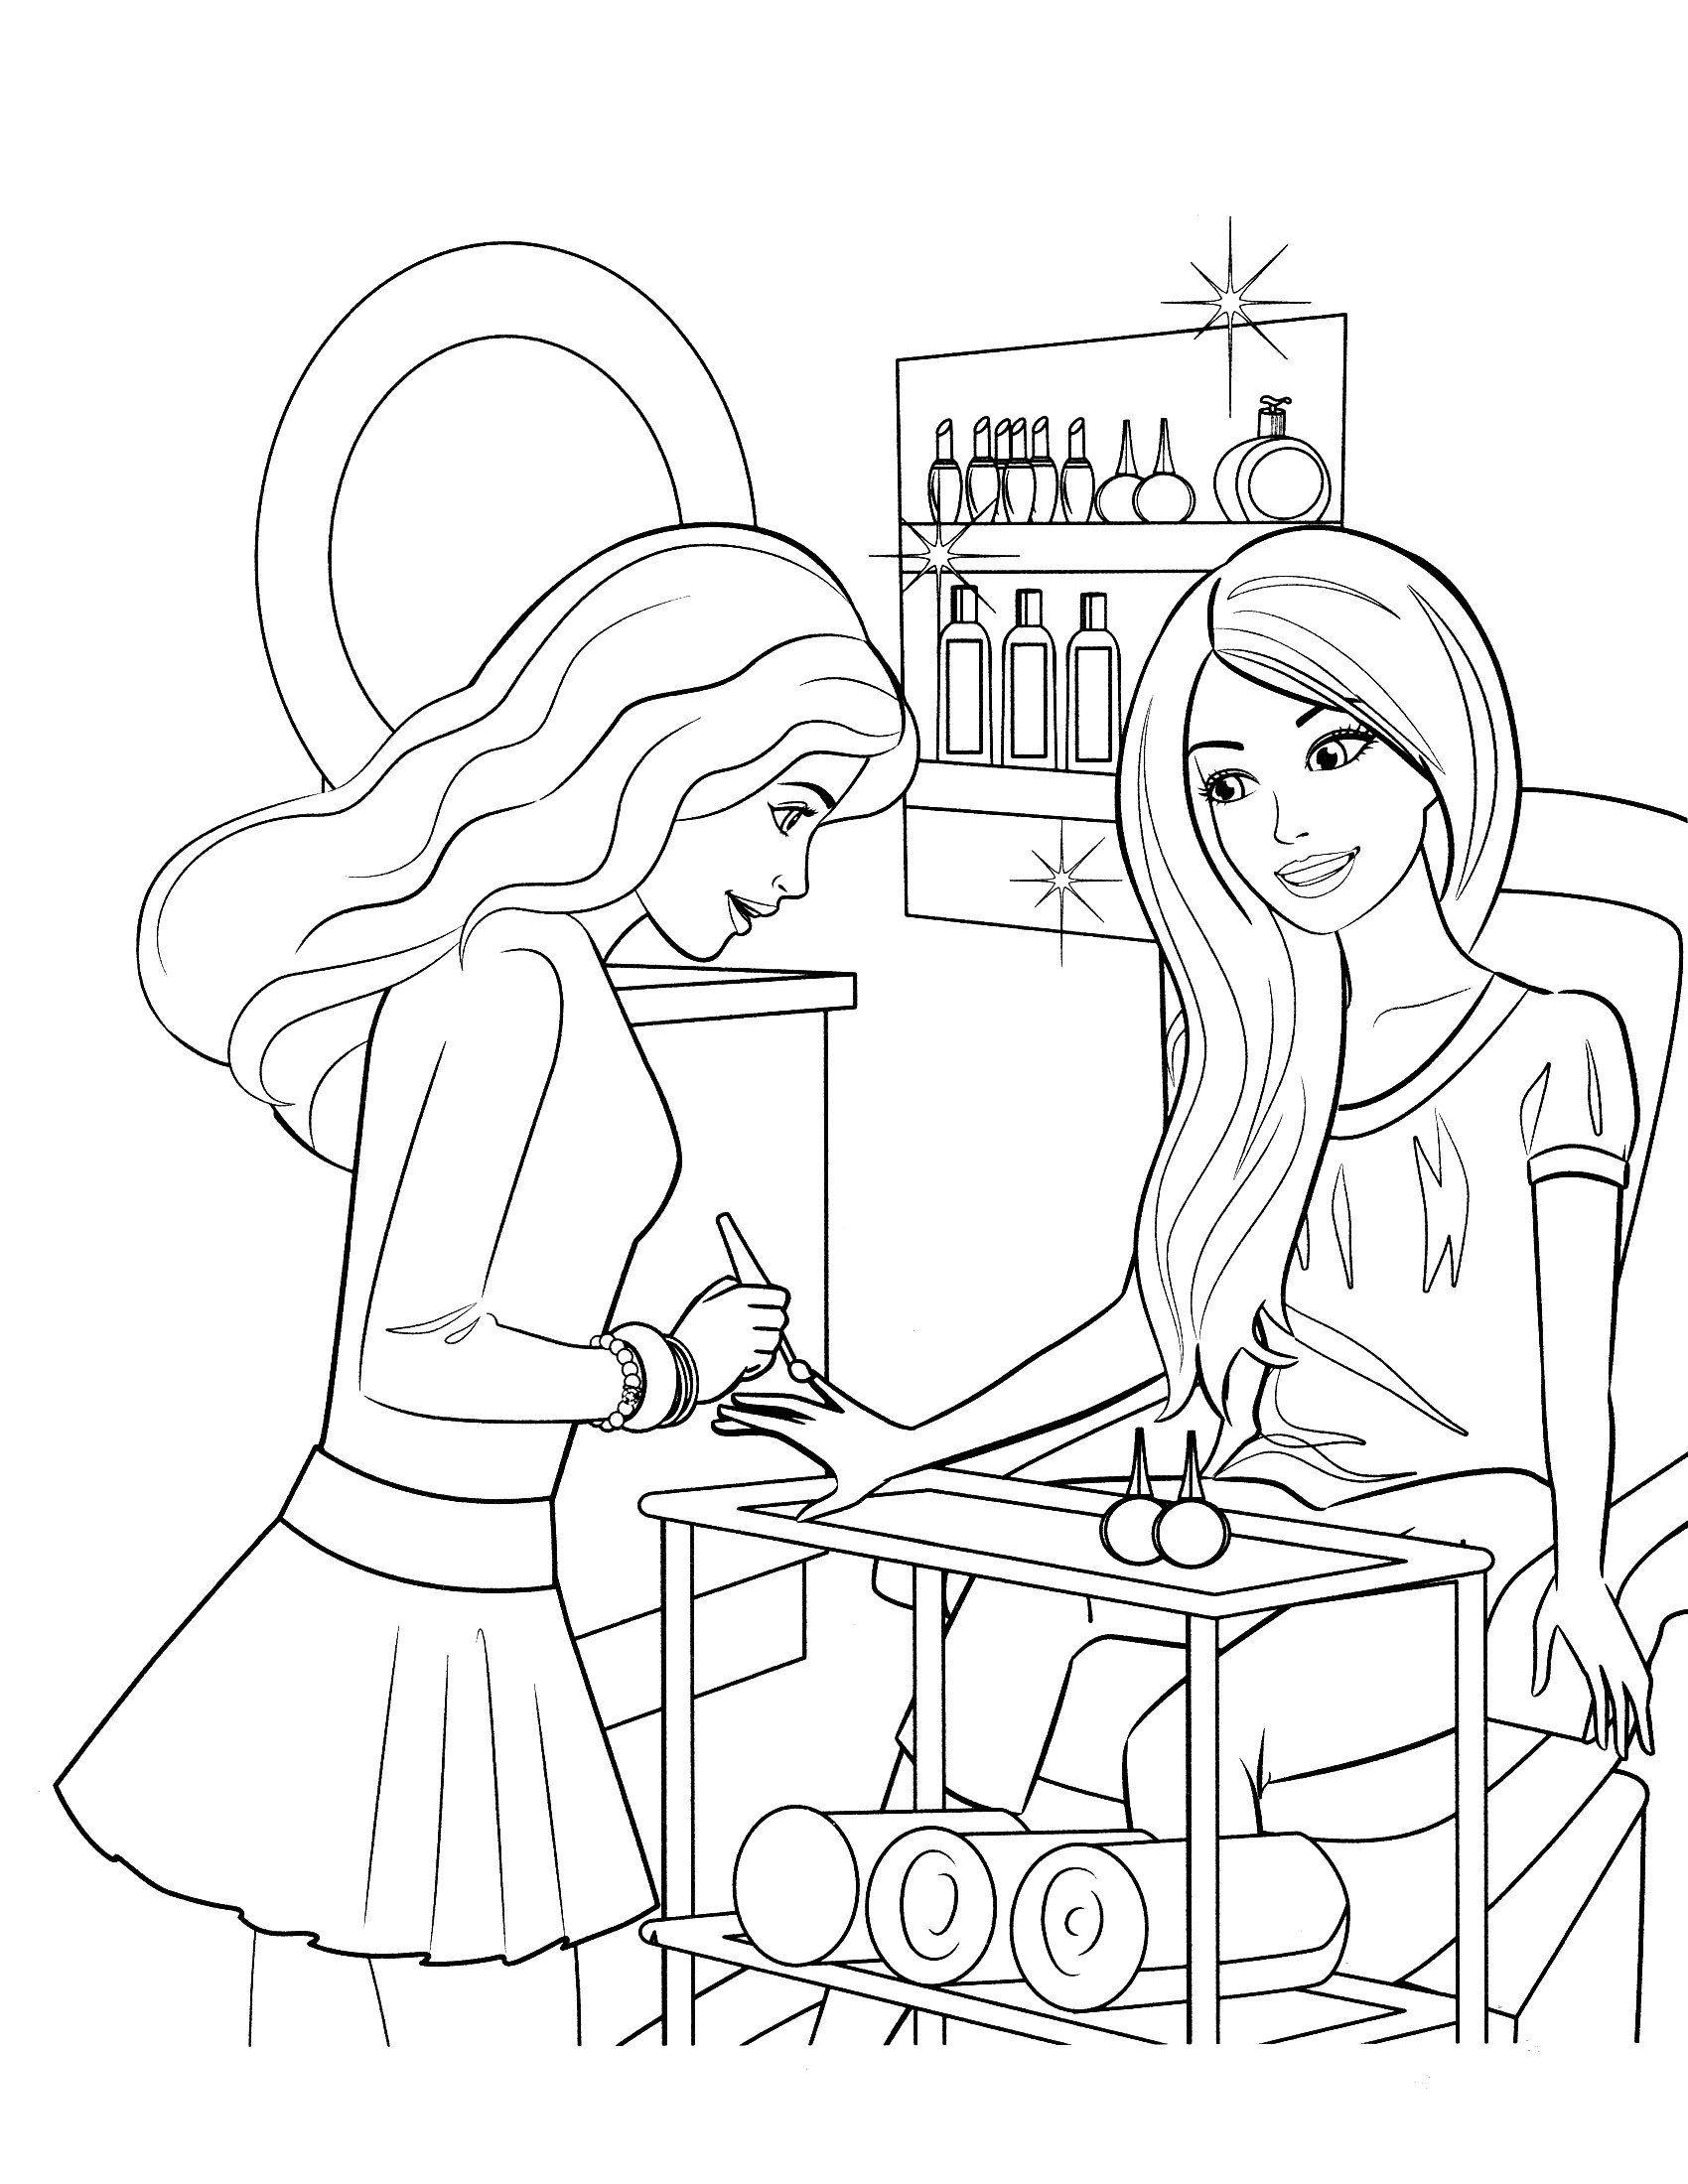 Pin By Kay Mackay On Hair In 2020 Barbie Drawing Barbie Coloring Pages Barbie Coloring